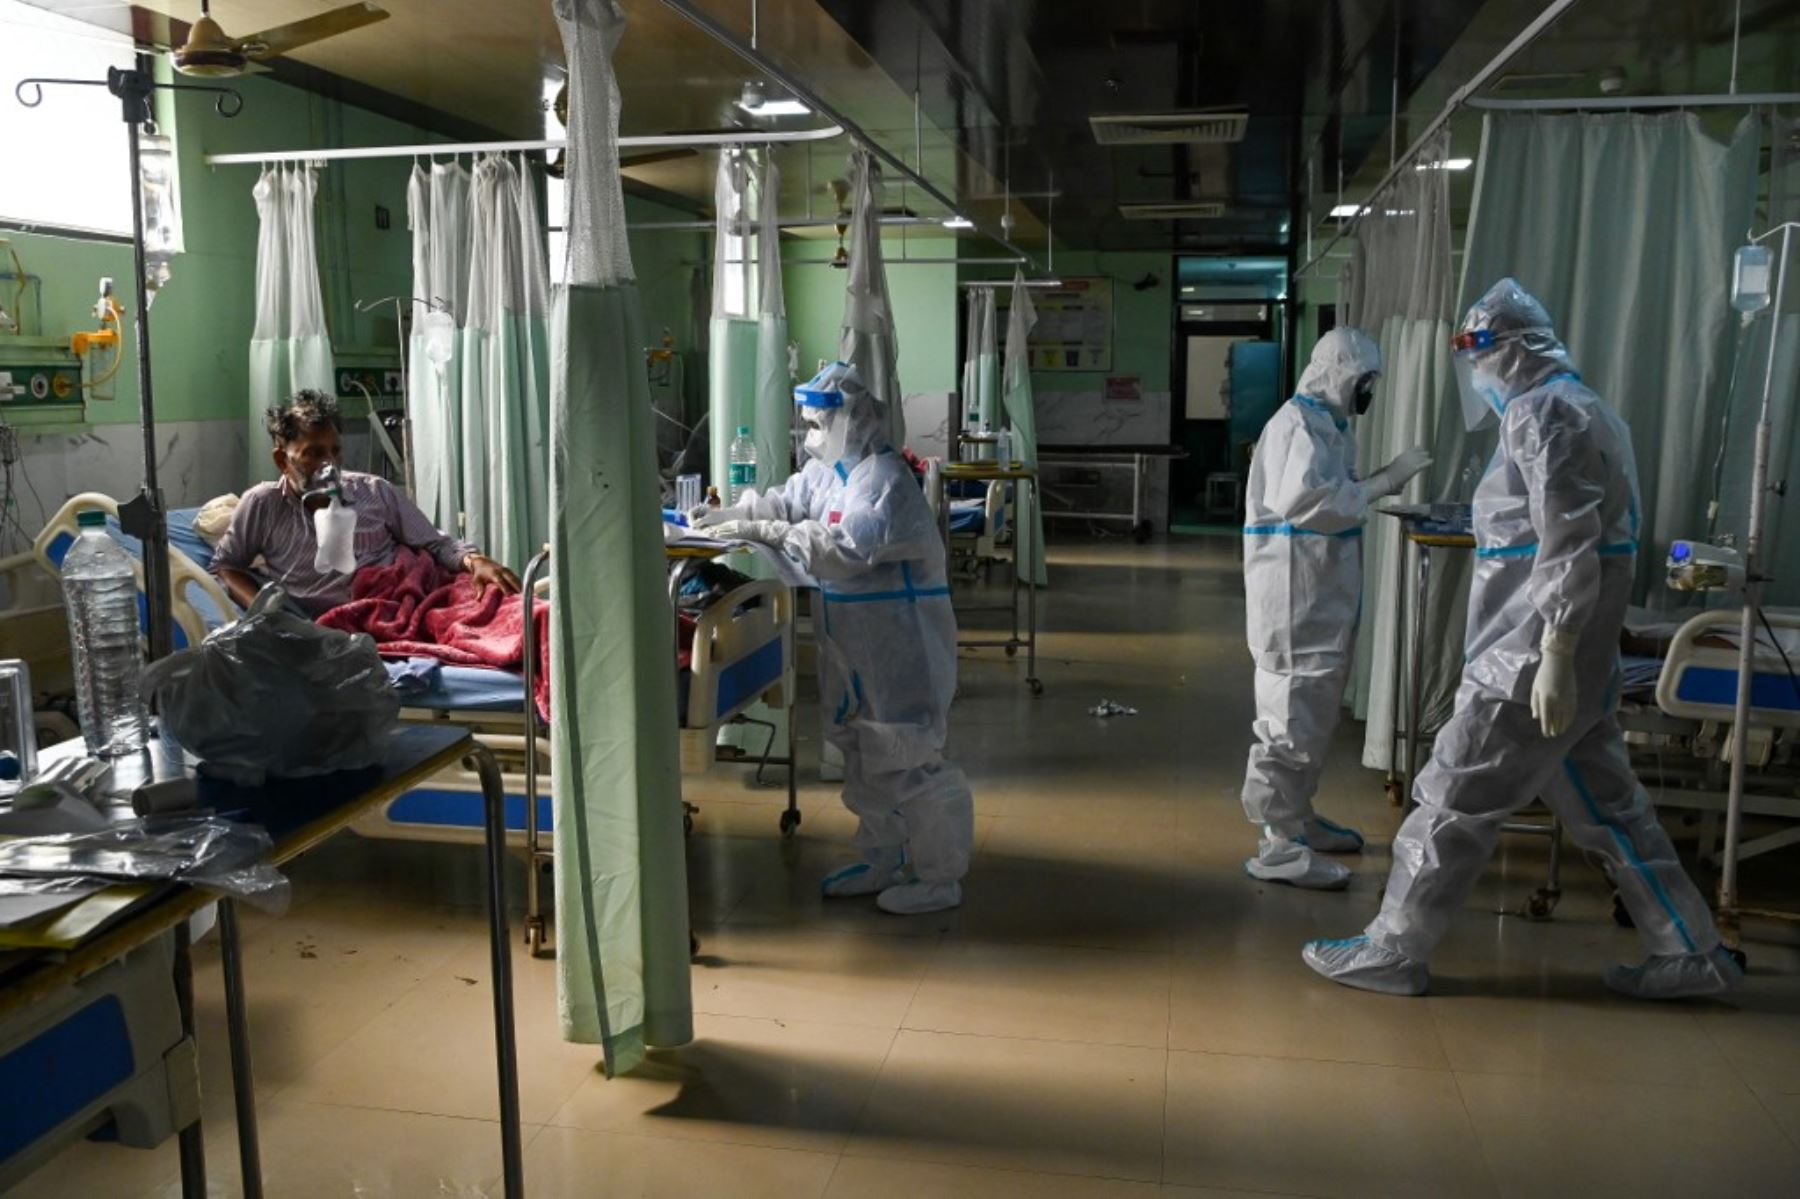 Trabajadores de la salud que usan un equipo de protección personal (equipo de protección personal) atienden al paciente dentro de la Unidad de atención de incentivos (UCI) del hospital de la Universidad Teerthanker Mahaveer (TMU) en Moradabad. Foto: AFP